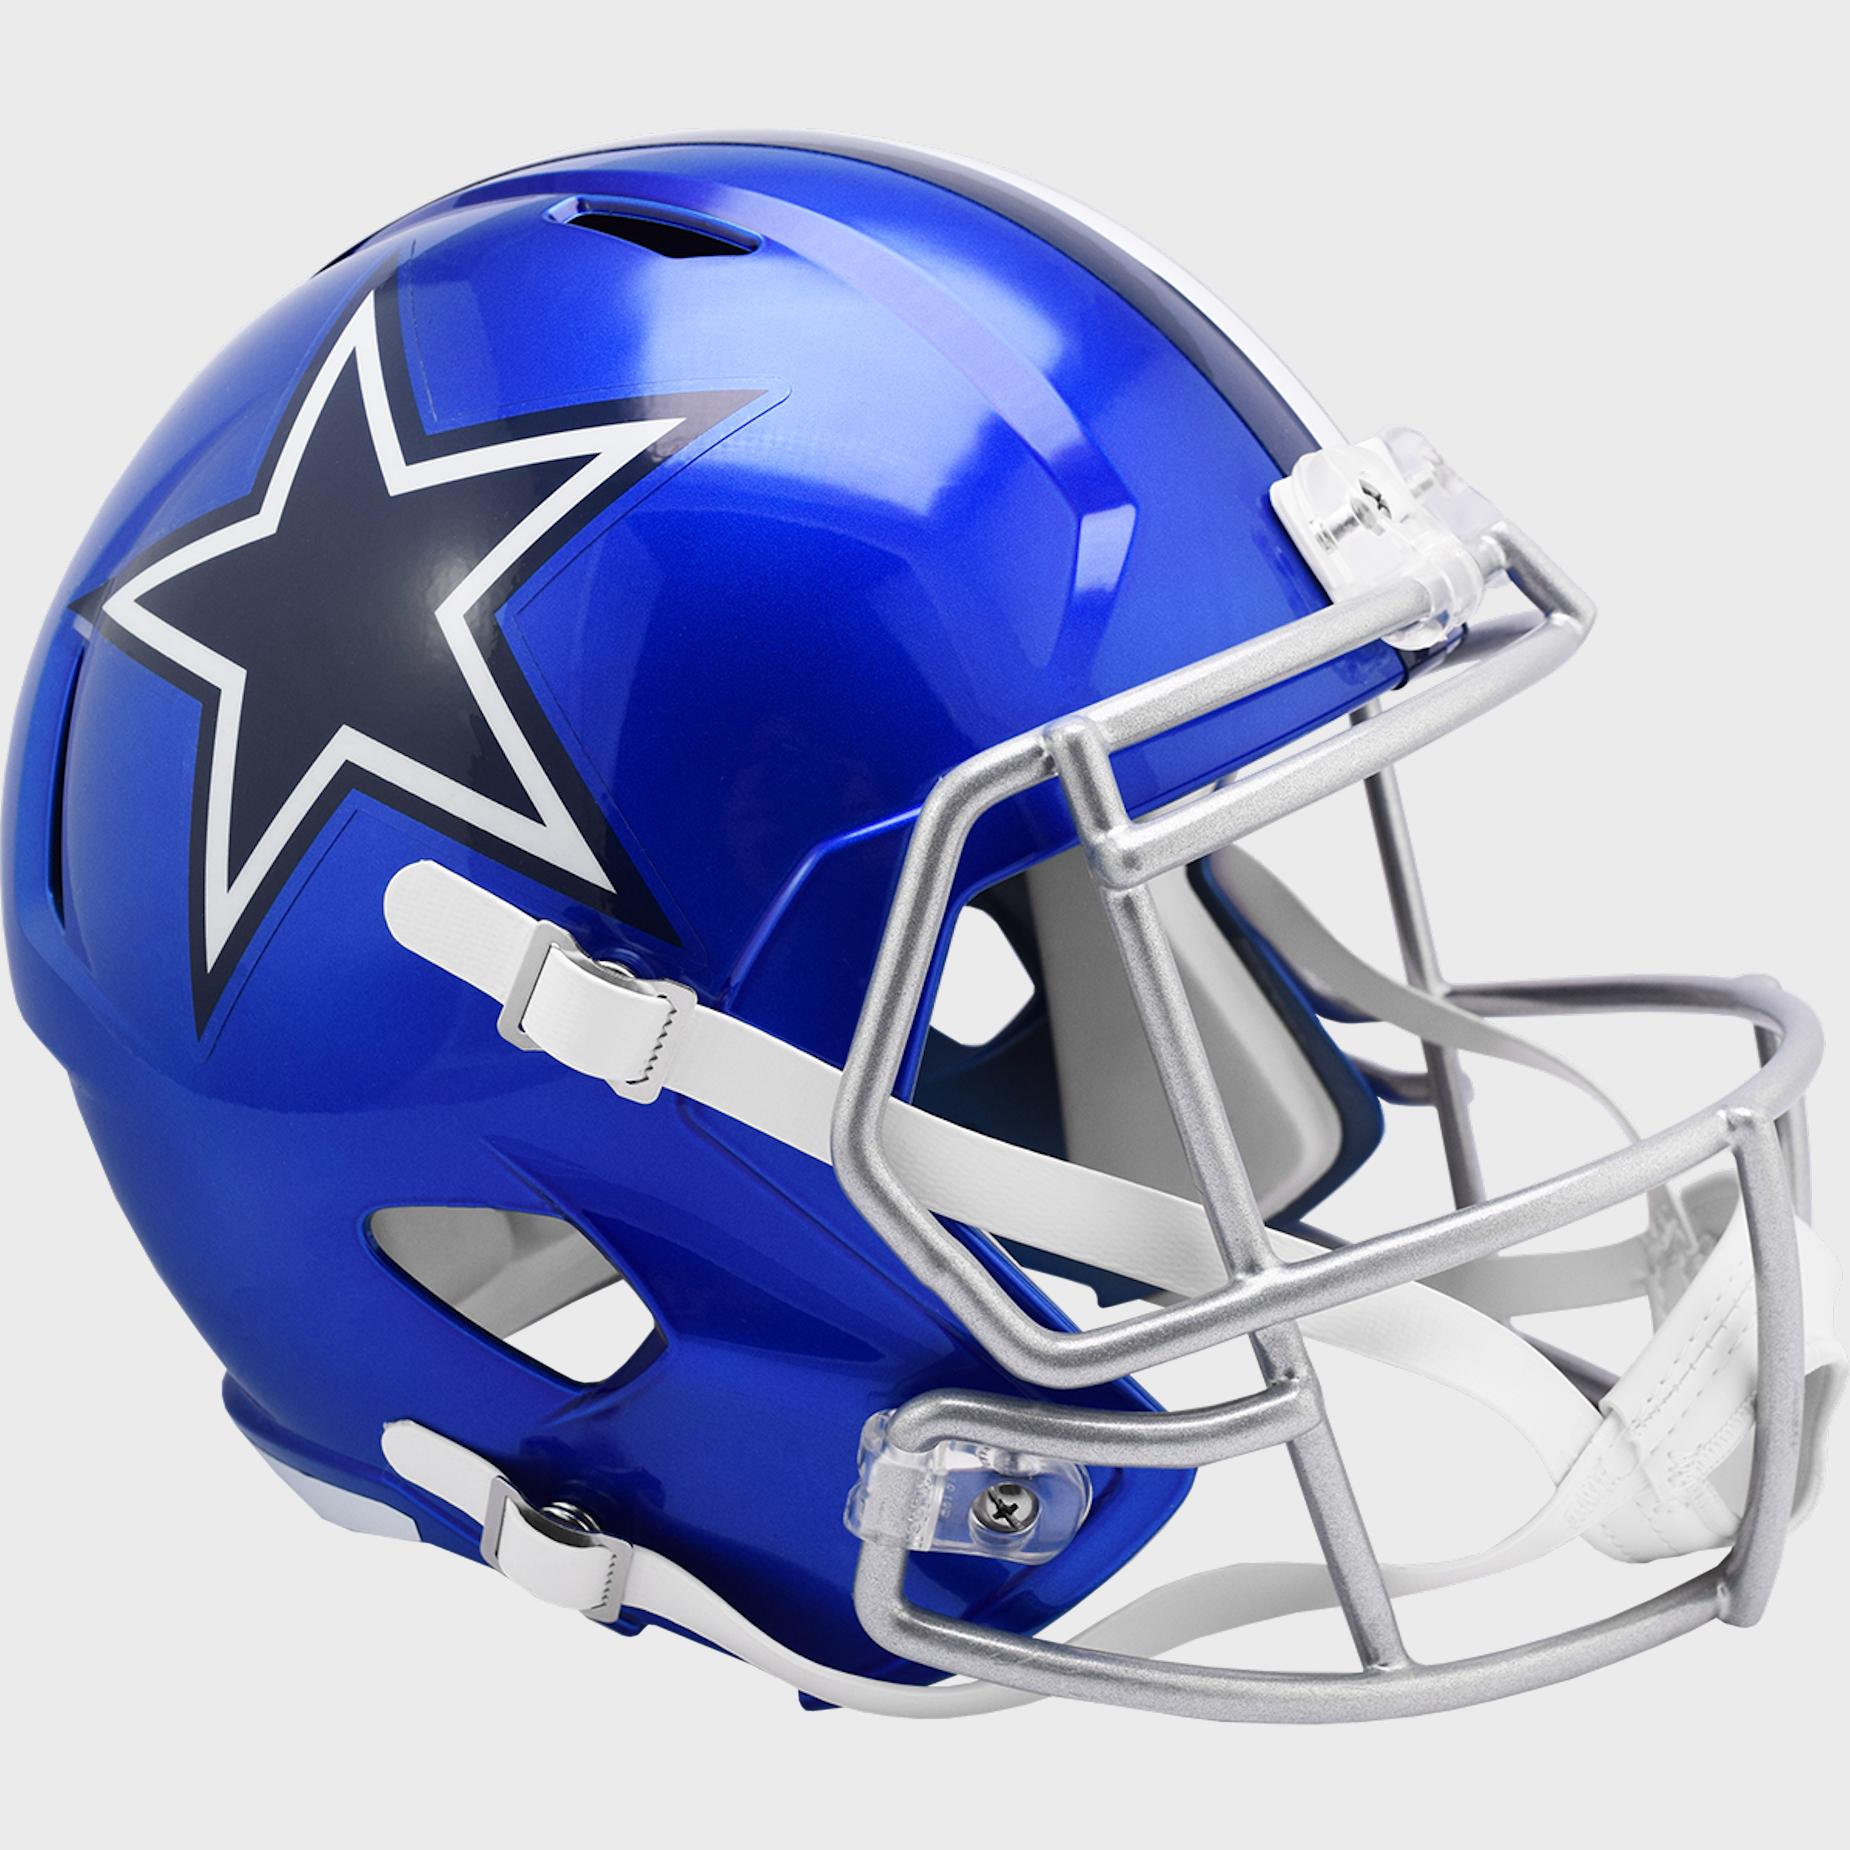 Dallas Cowboys Speed Replica Football Helmet <B>FLASH ESD 8/21/21</B>